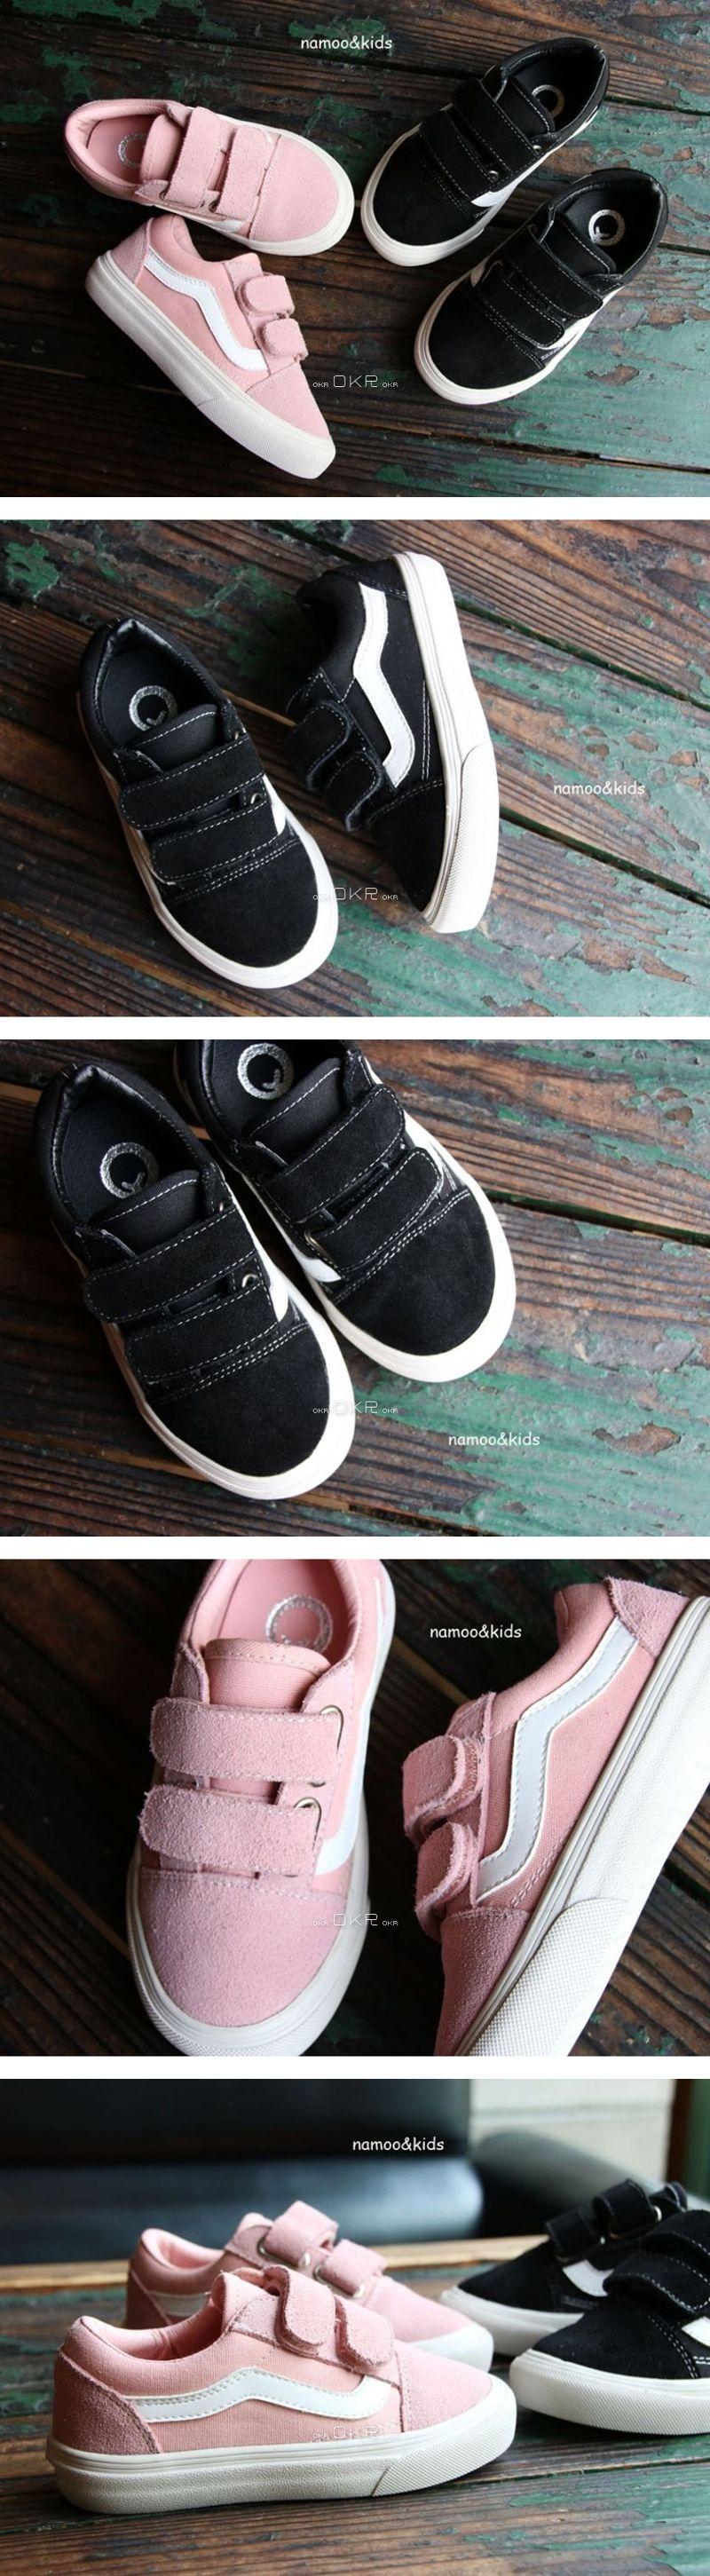 NAMOO & KIDS - Korean Children Fashion - #Kfashion4kids - No25 Sneakers